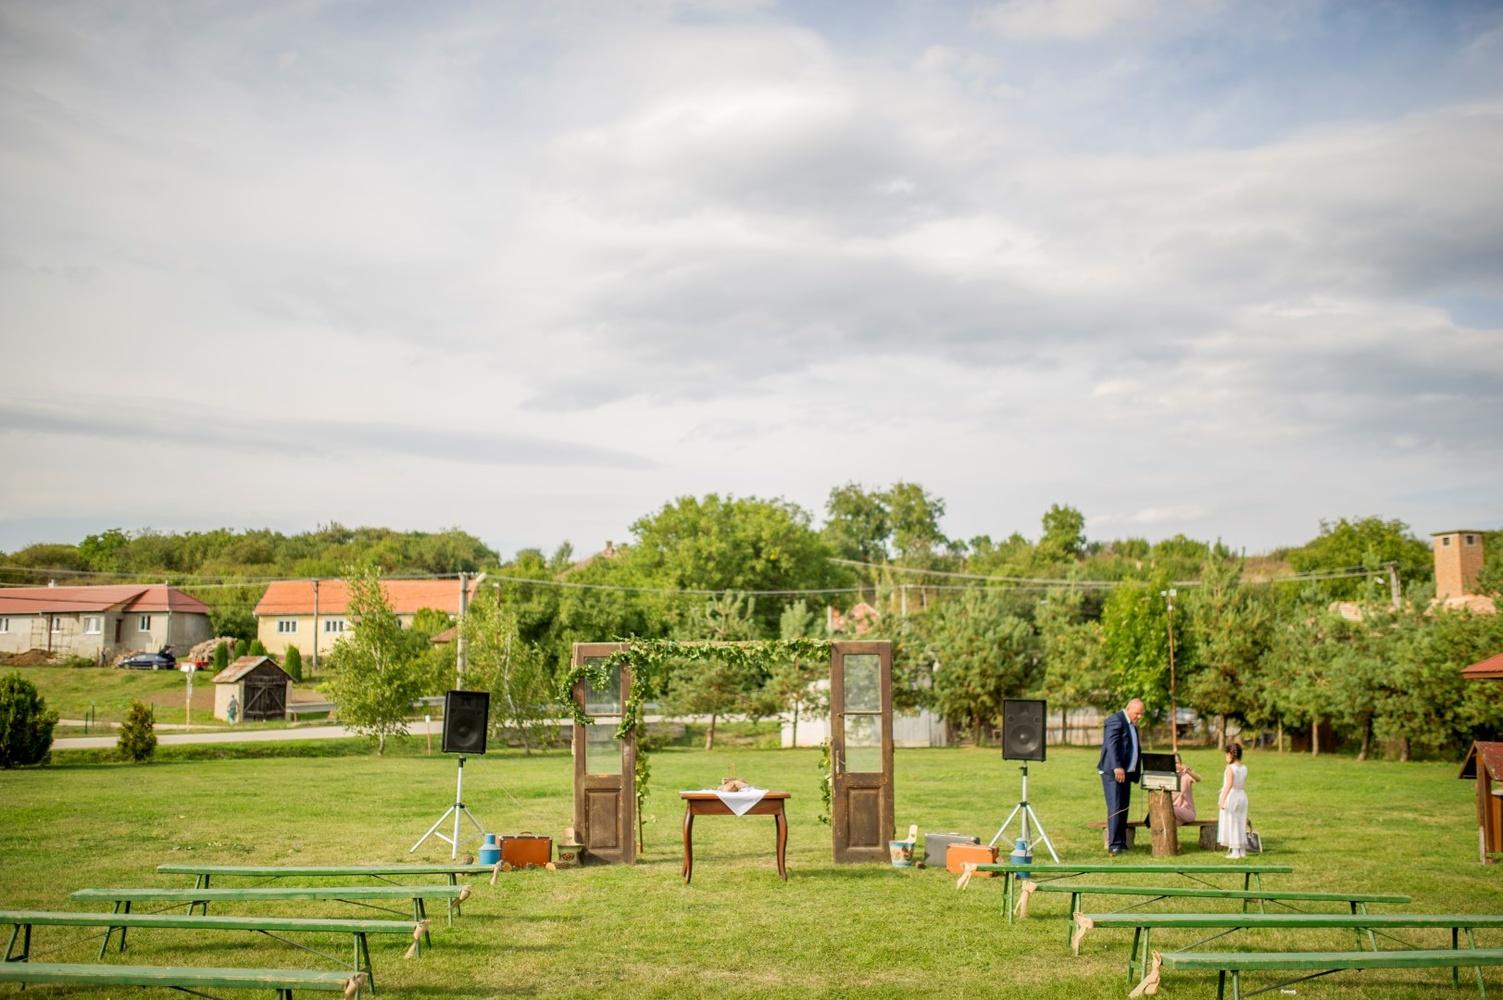 http://www.fotoz.sk/images/gallery-8/normal/eskuvoi-fotos_svadobny-fotograf_414.jpg